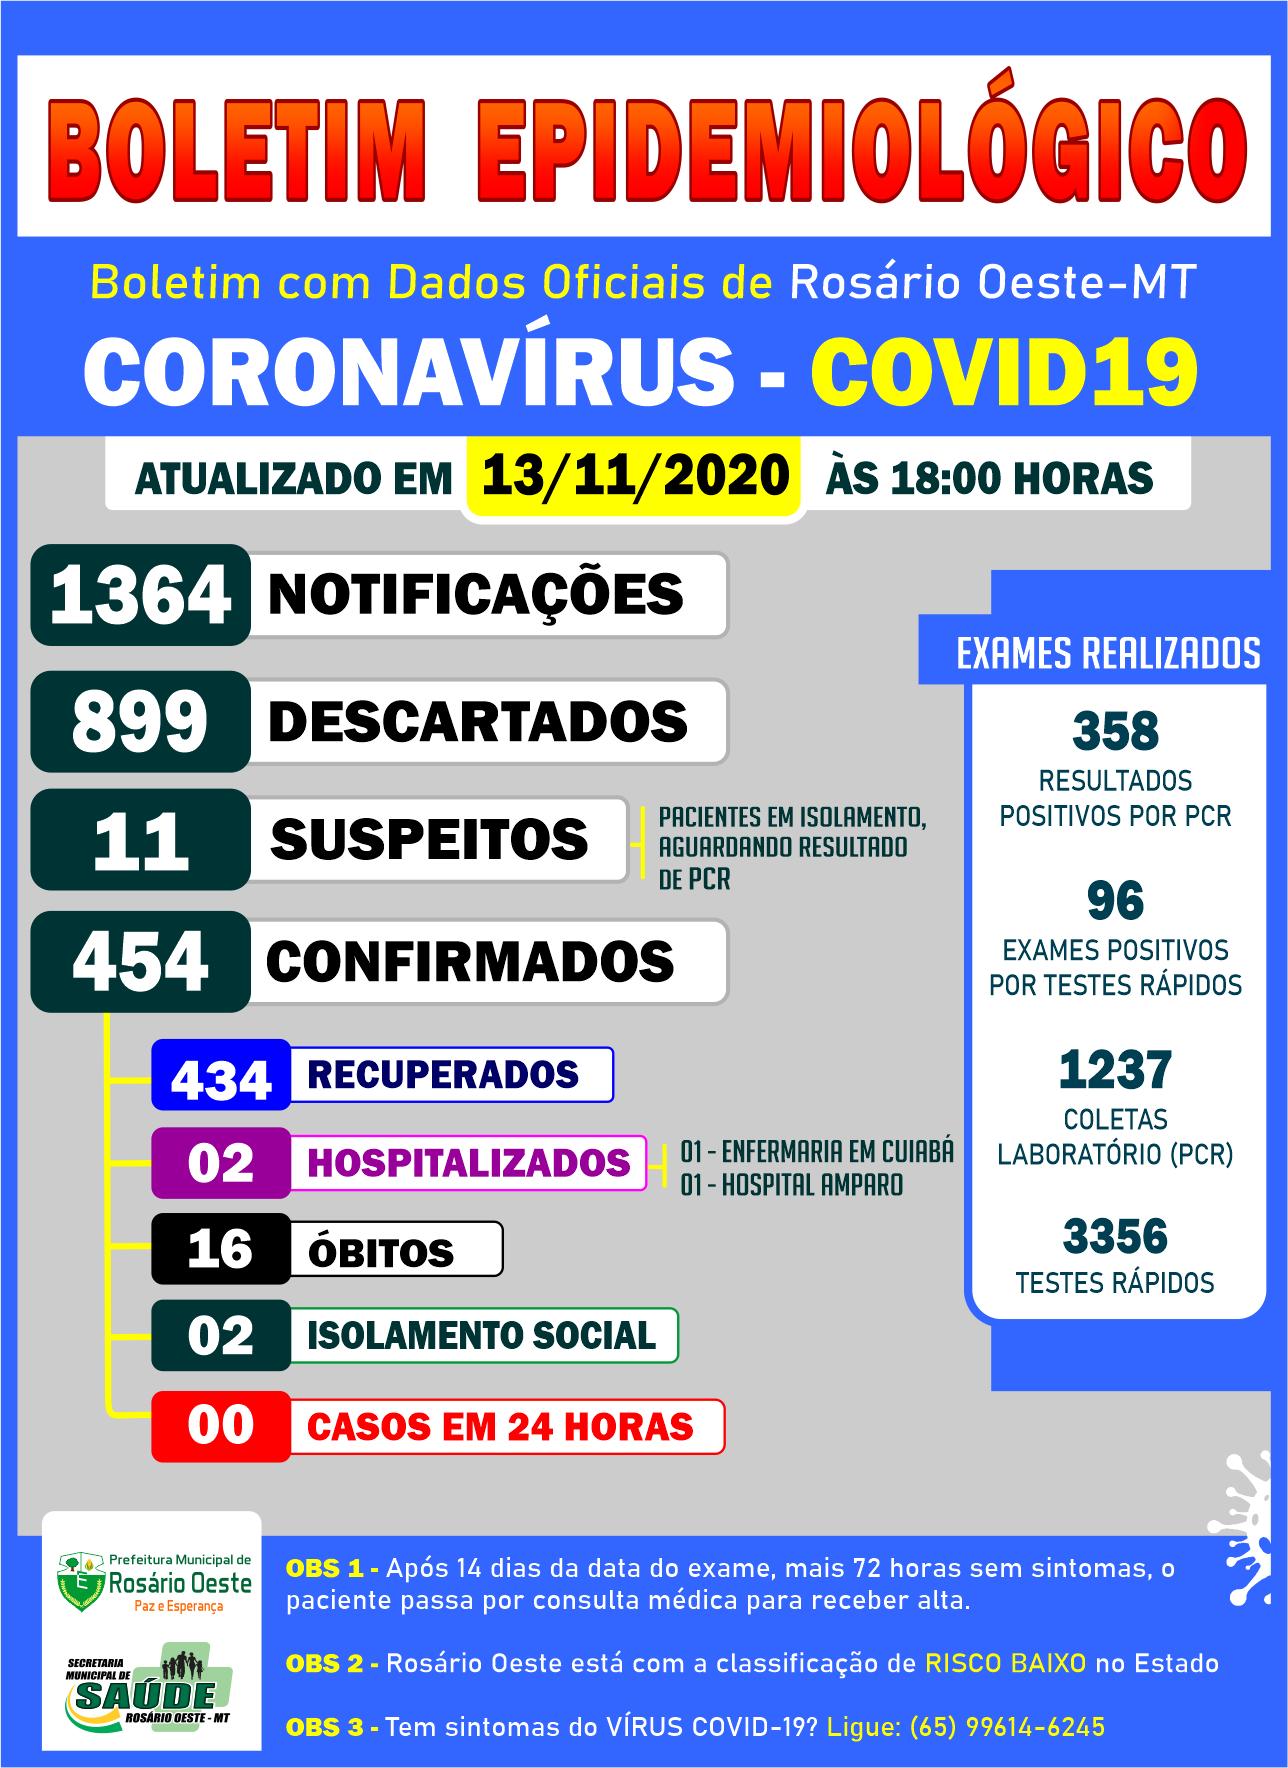 BOLETIM: Rosário Oeste registrou Zero casos de Covid19 nesta sexta (13/11)